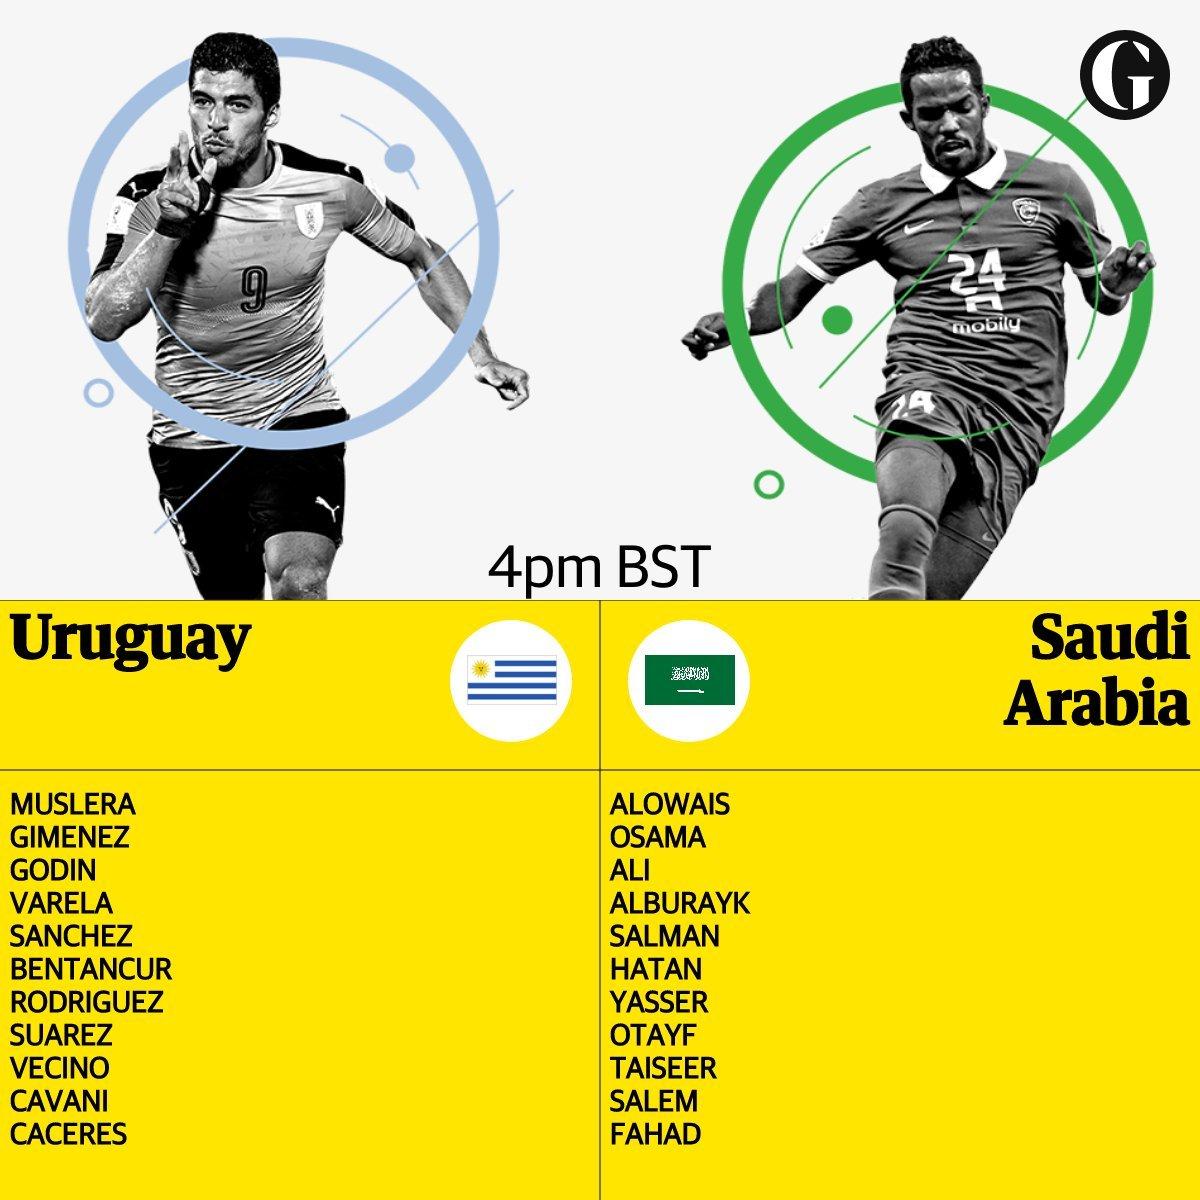 乌拉圭VS沙特首发:苏神卡瓦尼领锋线戈丁登场